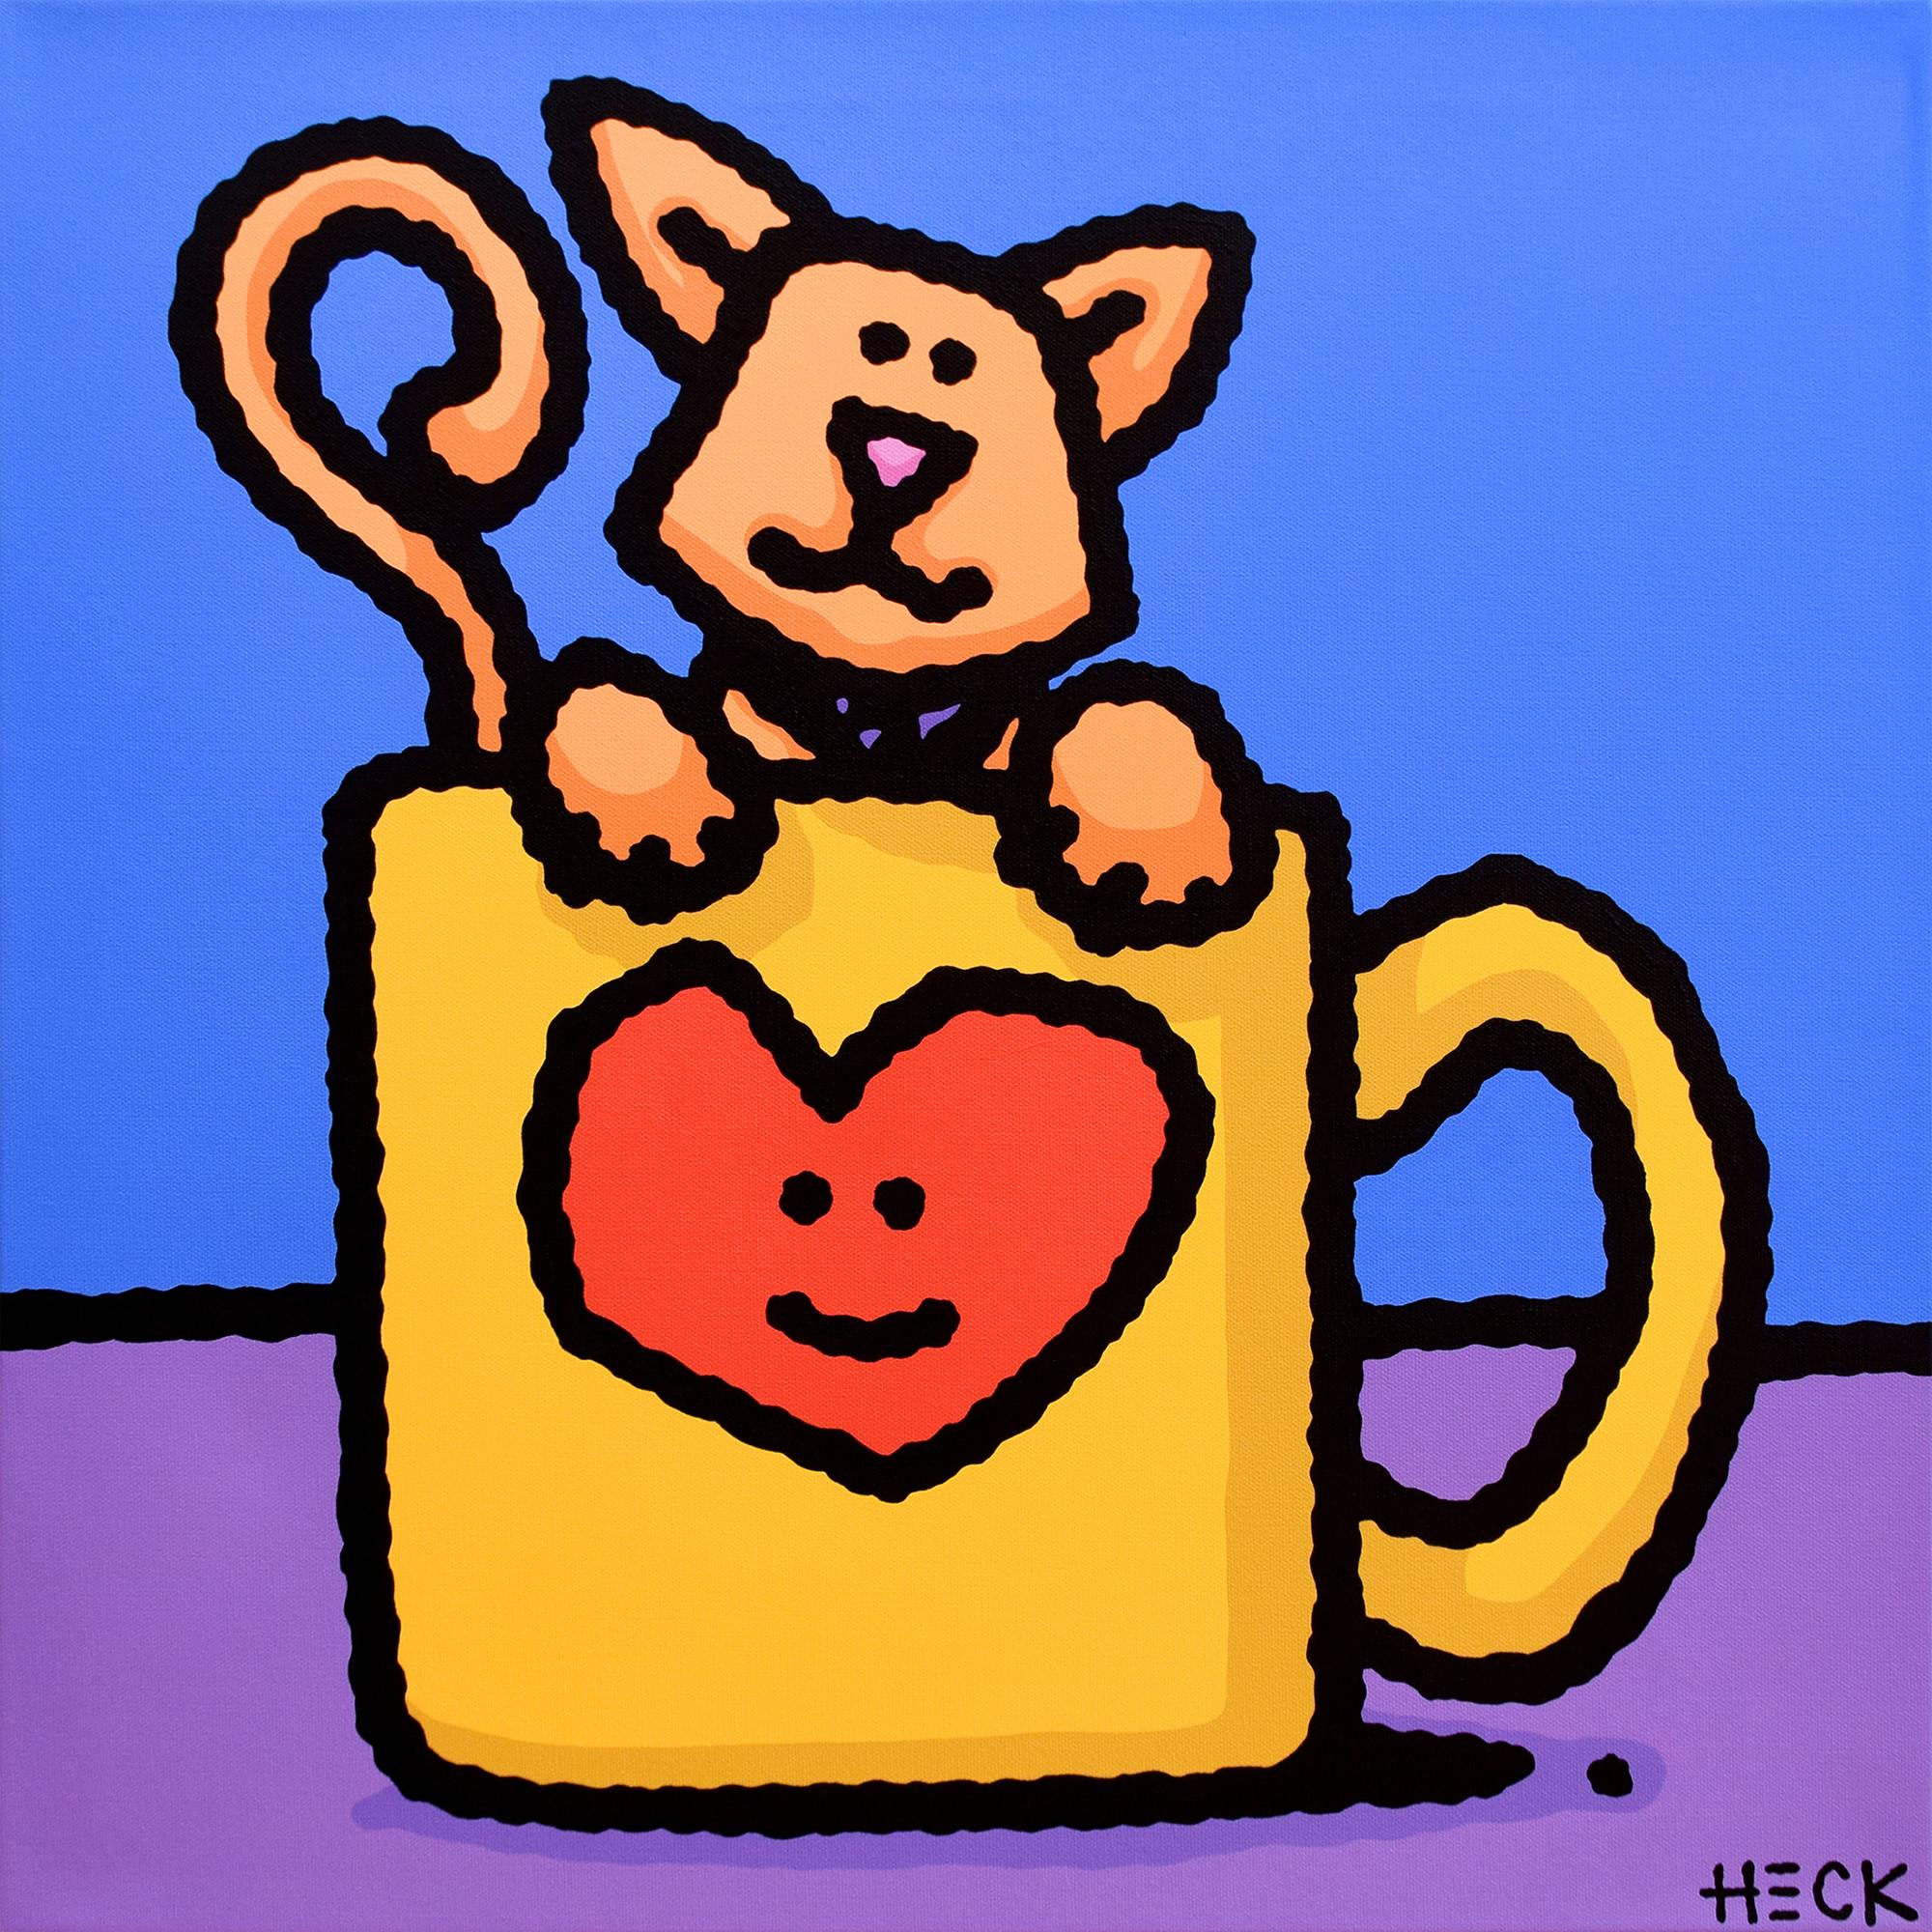 Ed Heck - Morning Catfee , 6575-012-117